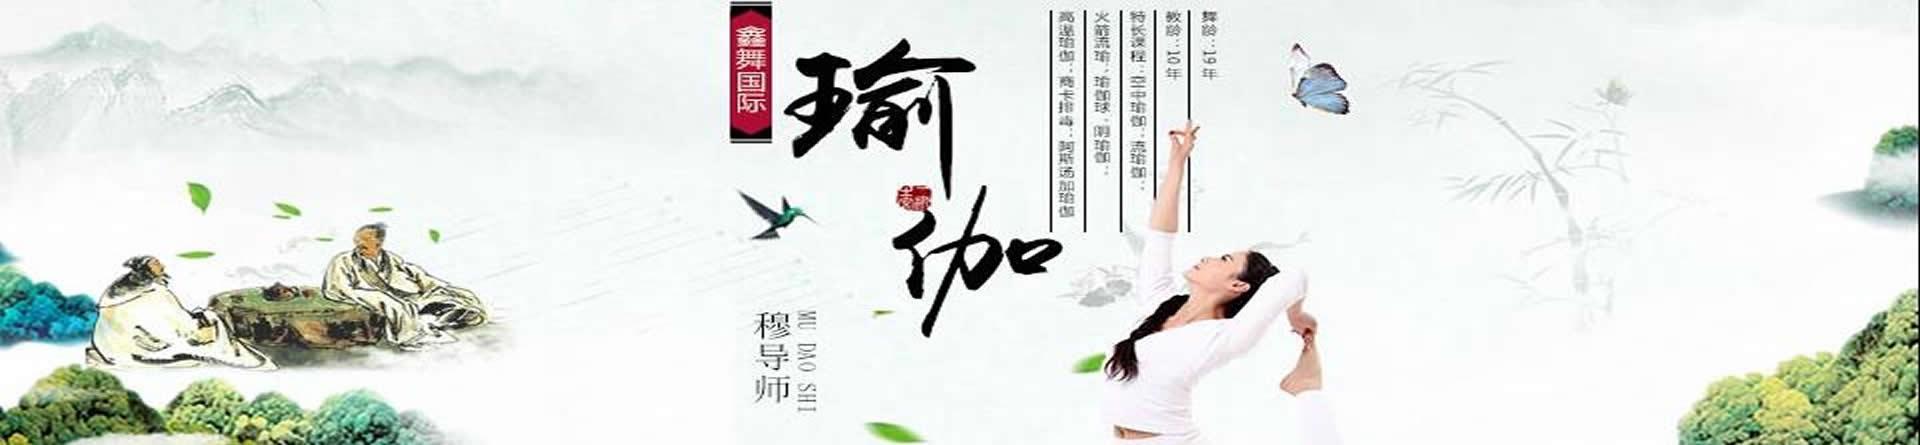 郑州鑫舞国际舞蹈学校